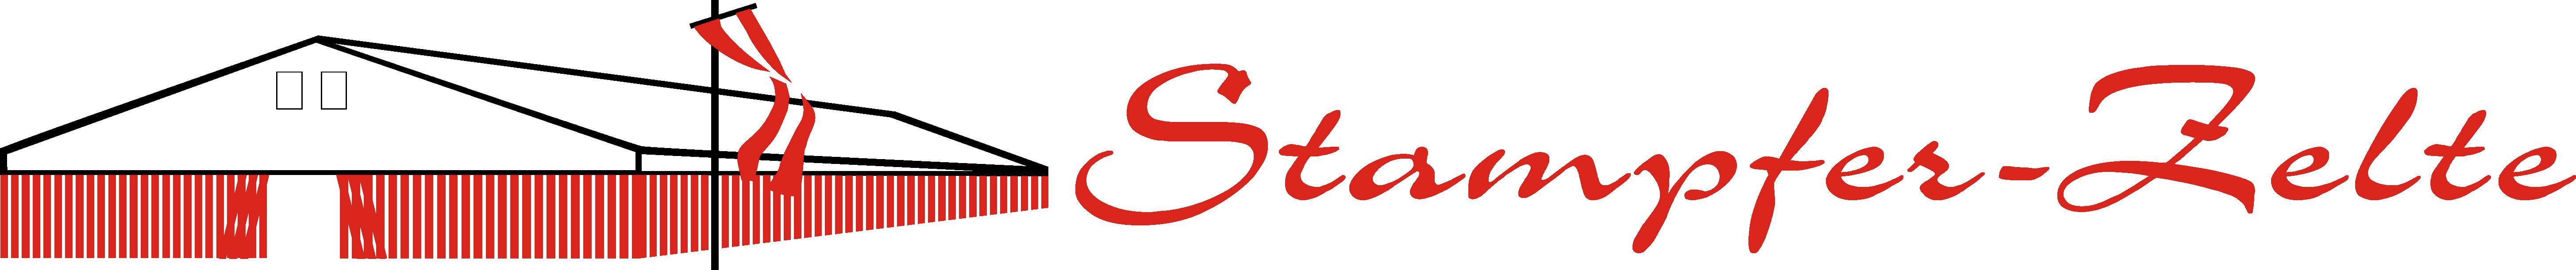 Stampfer Zelte Logo